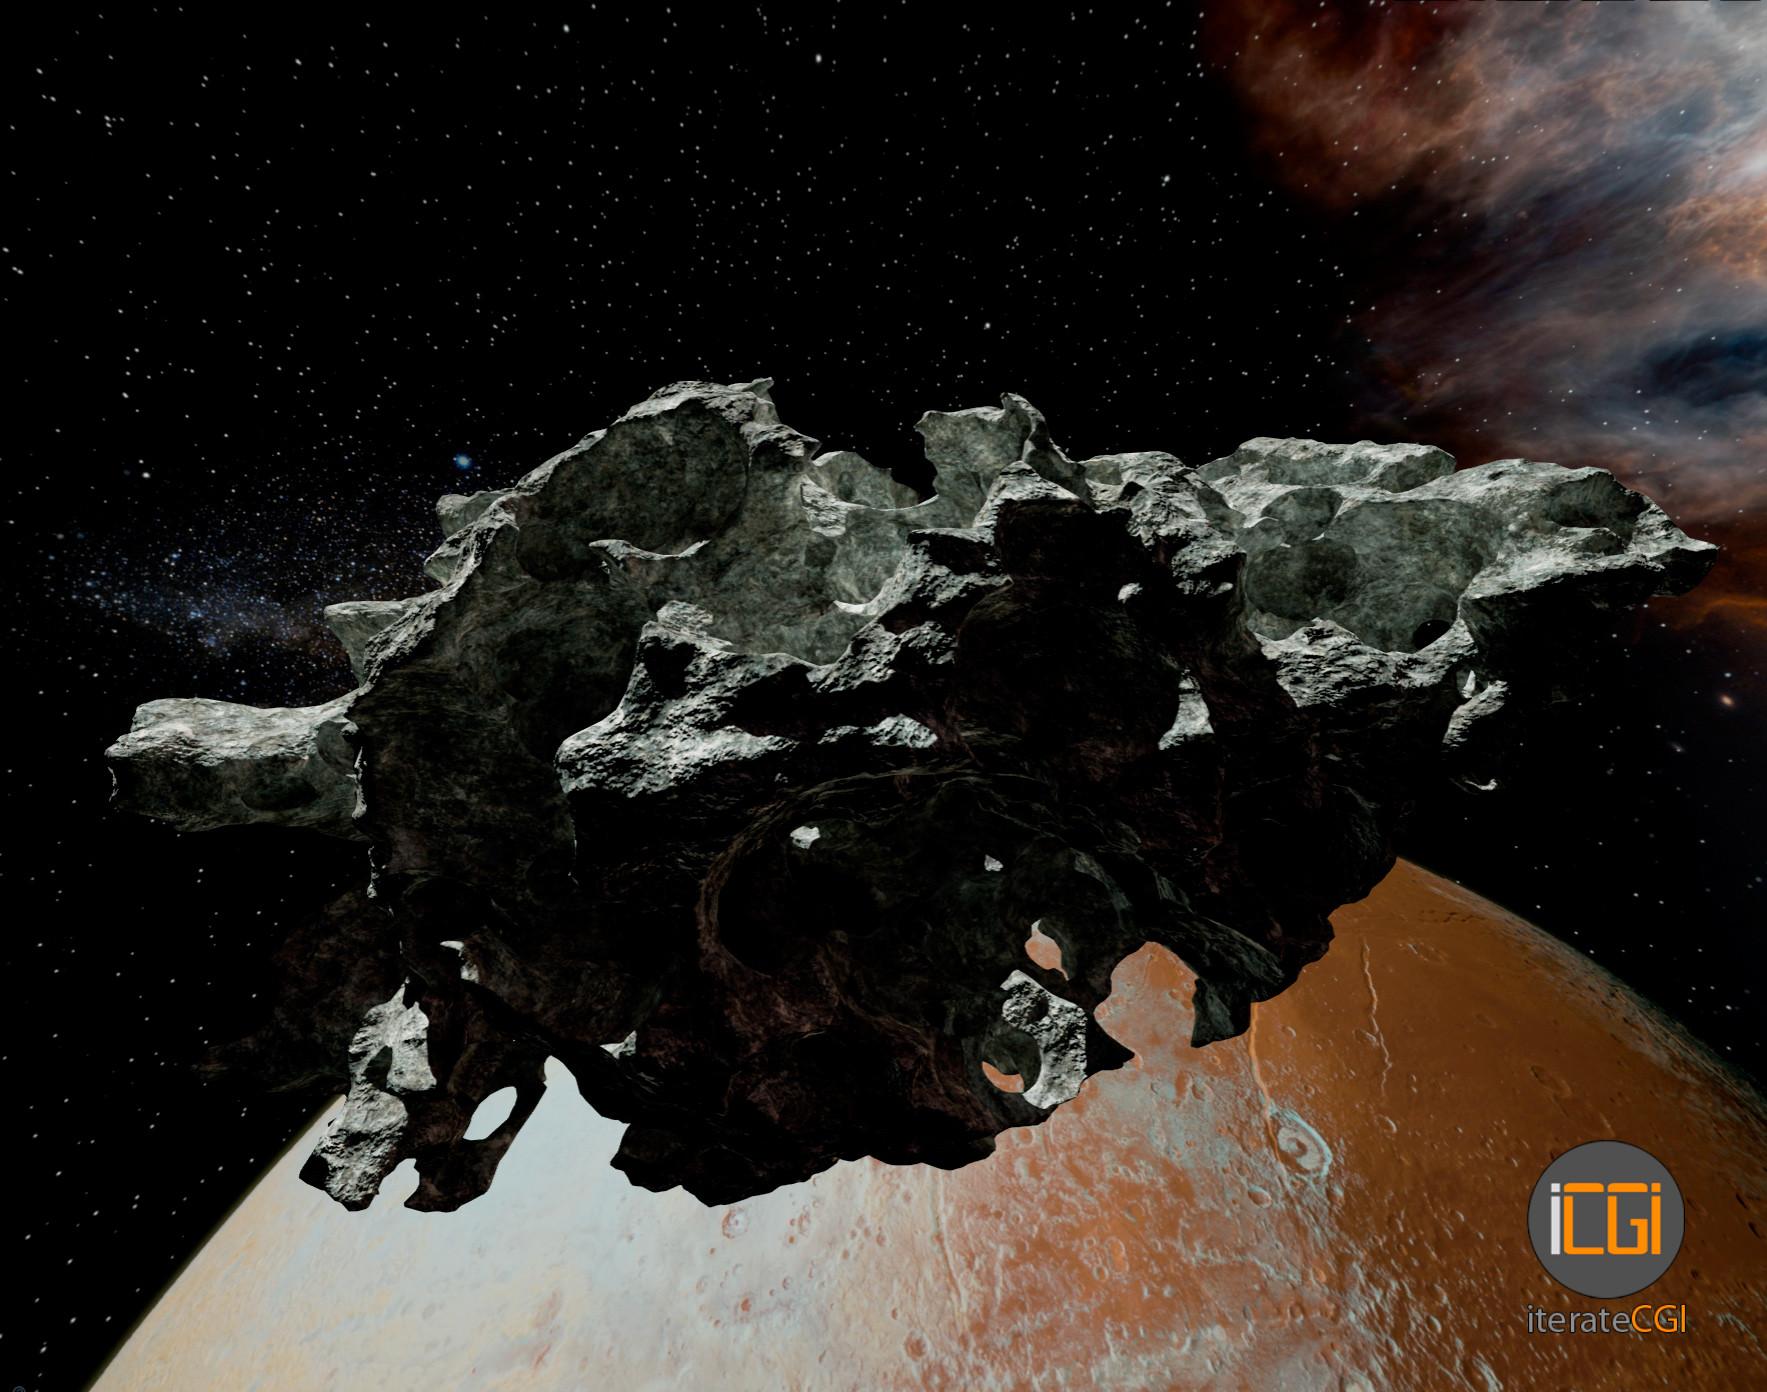 Johan de leenheer 3d asteroid game model 7